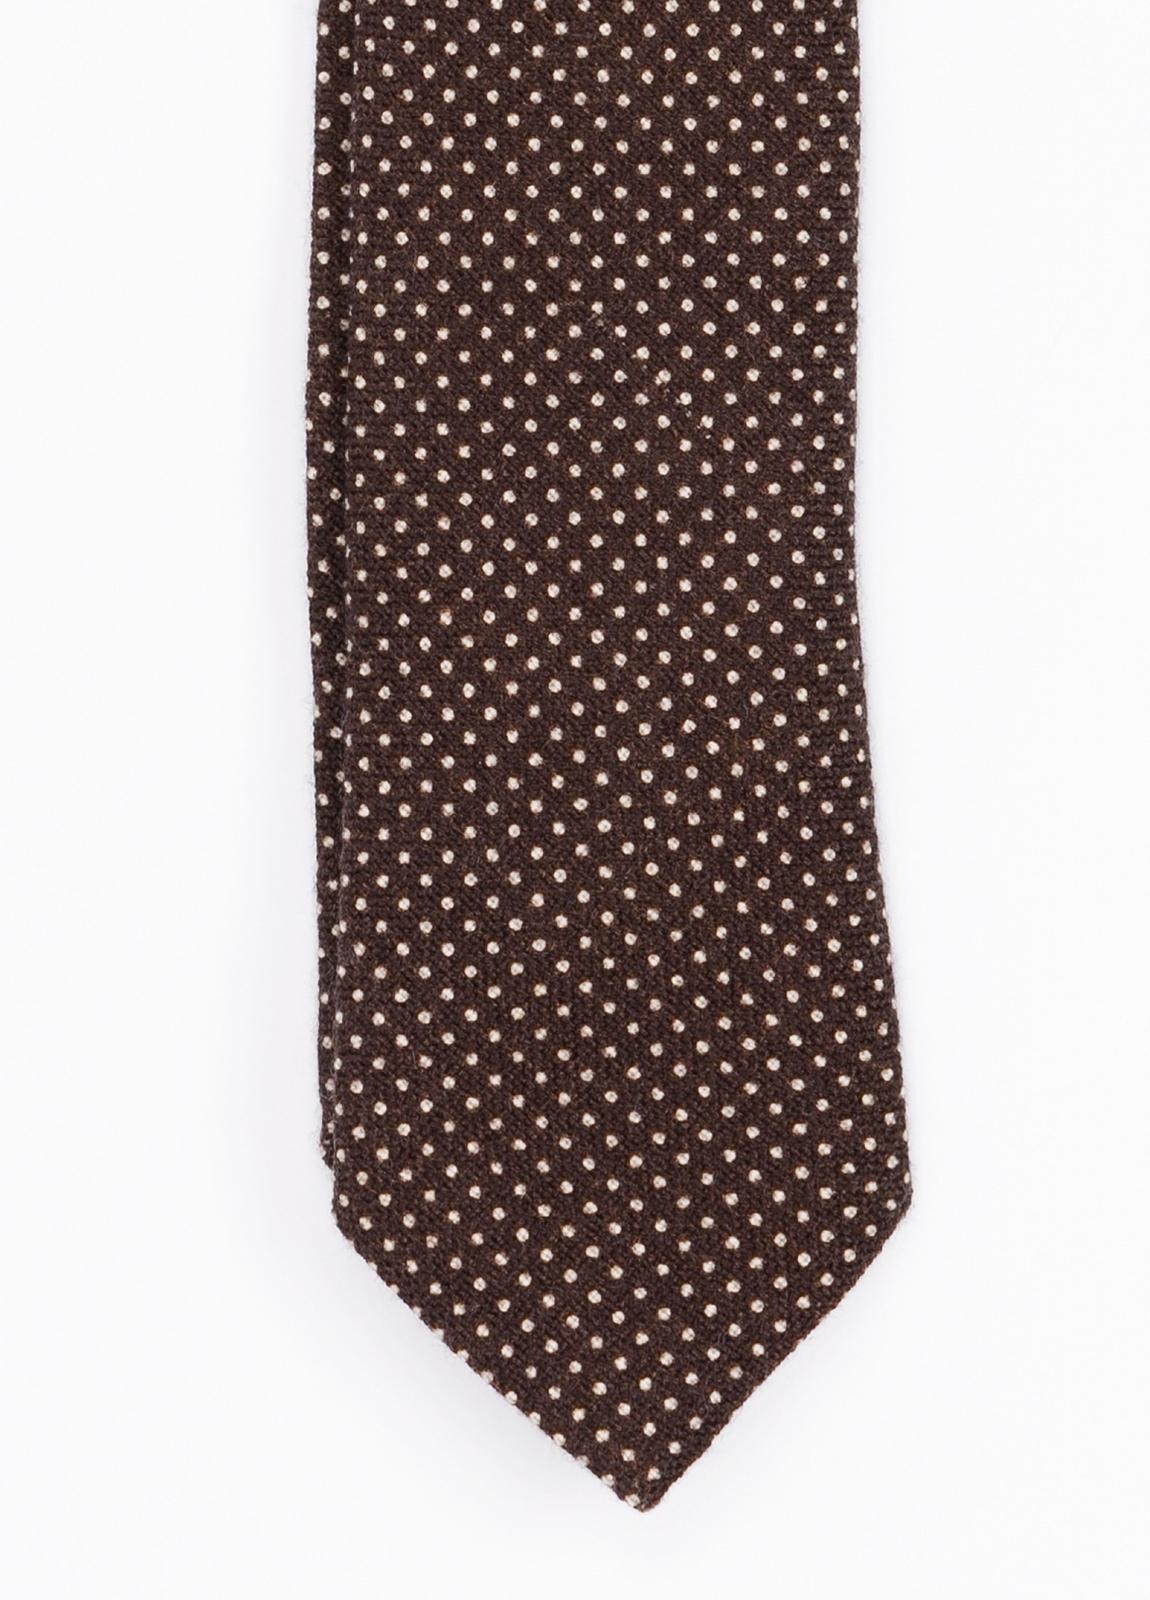 Corbata Formal Wear estampado topitos, color marrón. Pala 7,5 cm. 100% Lana. - Ítem1